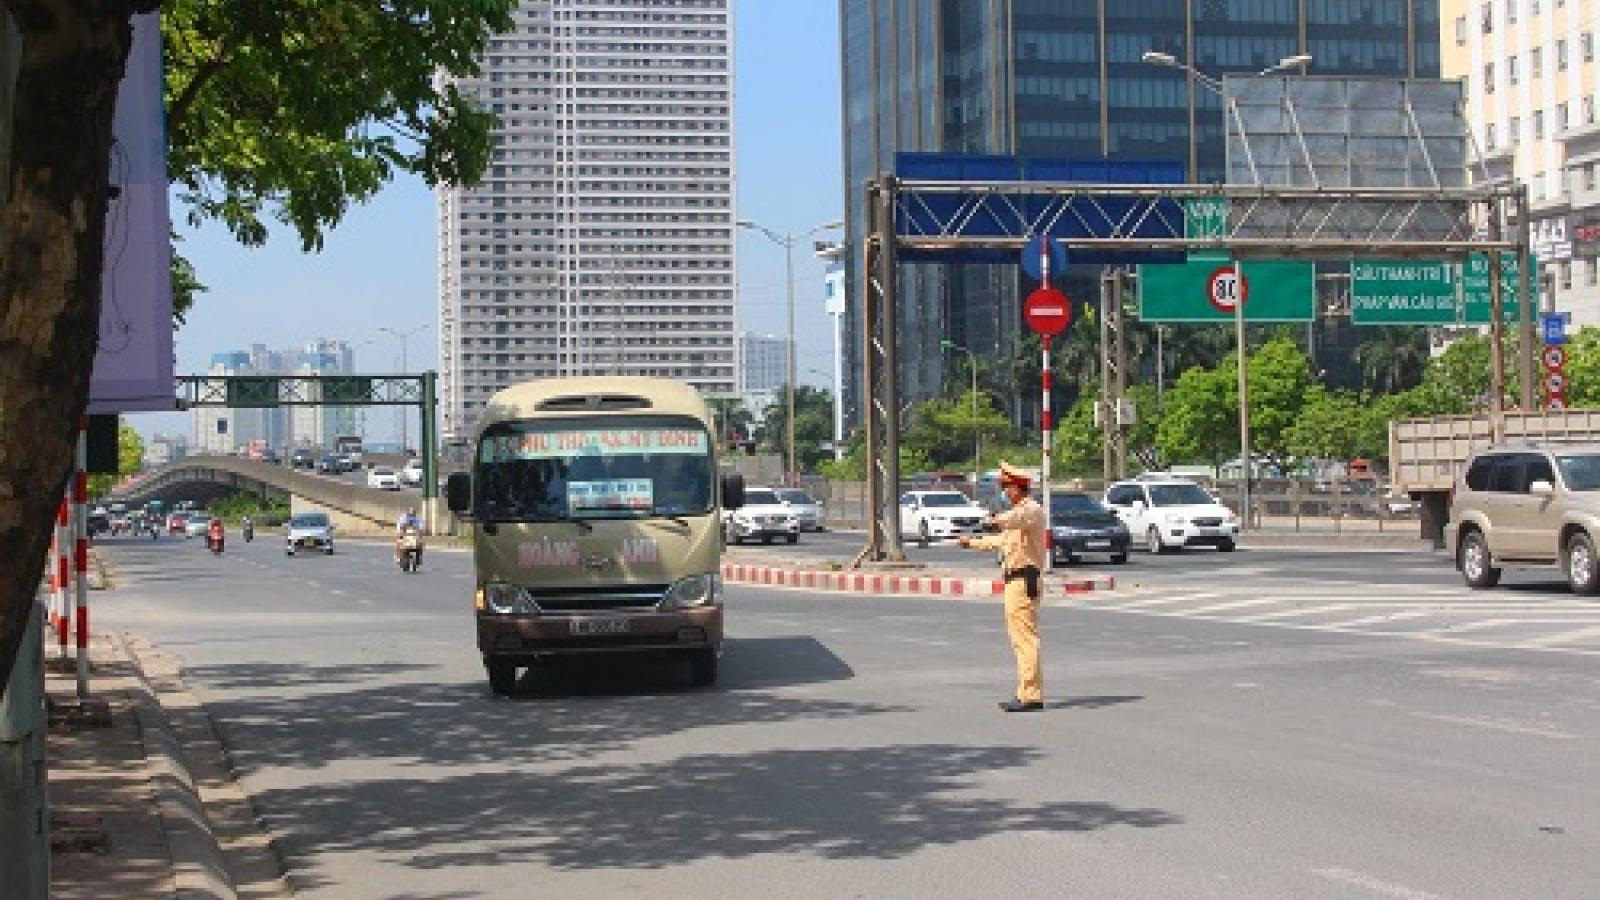 Hà Nội: Không để giáo viên, thí sinh đến điểm thi muộn vì ùn tắc giao thông